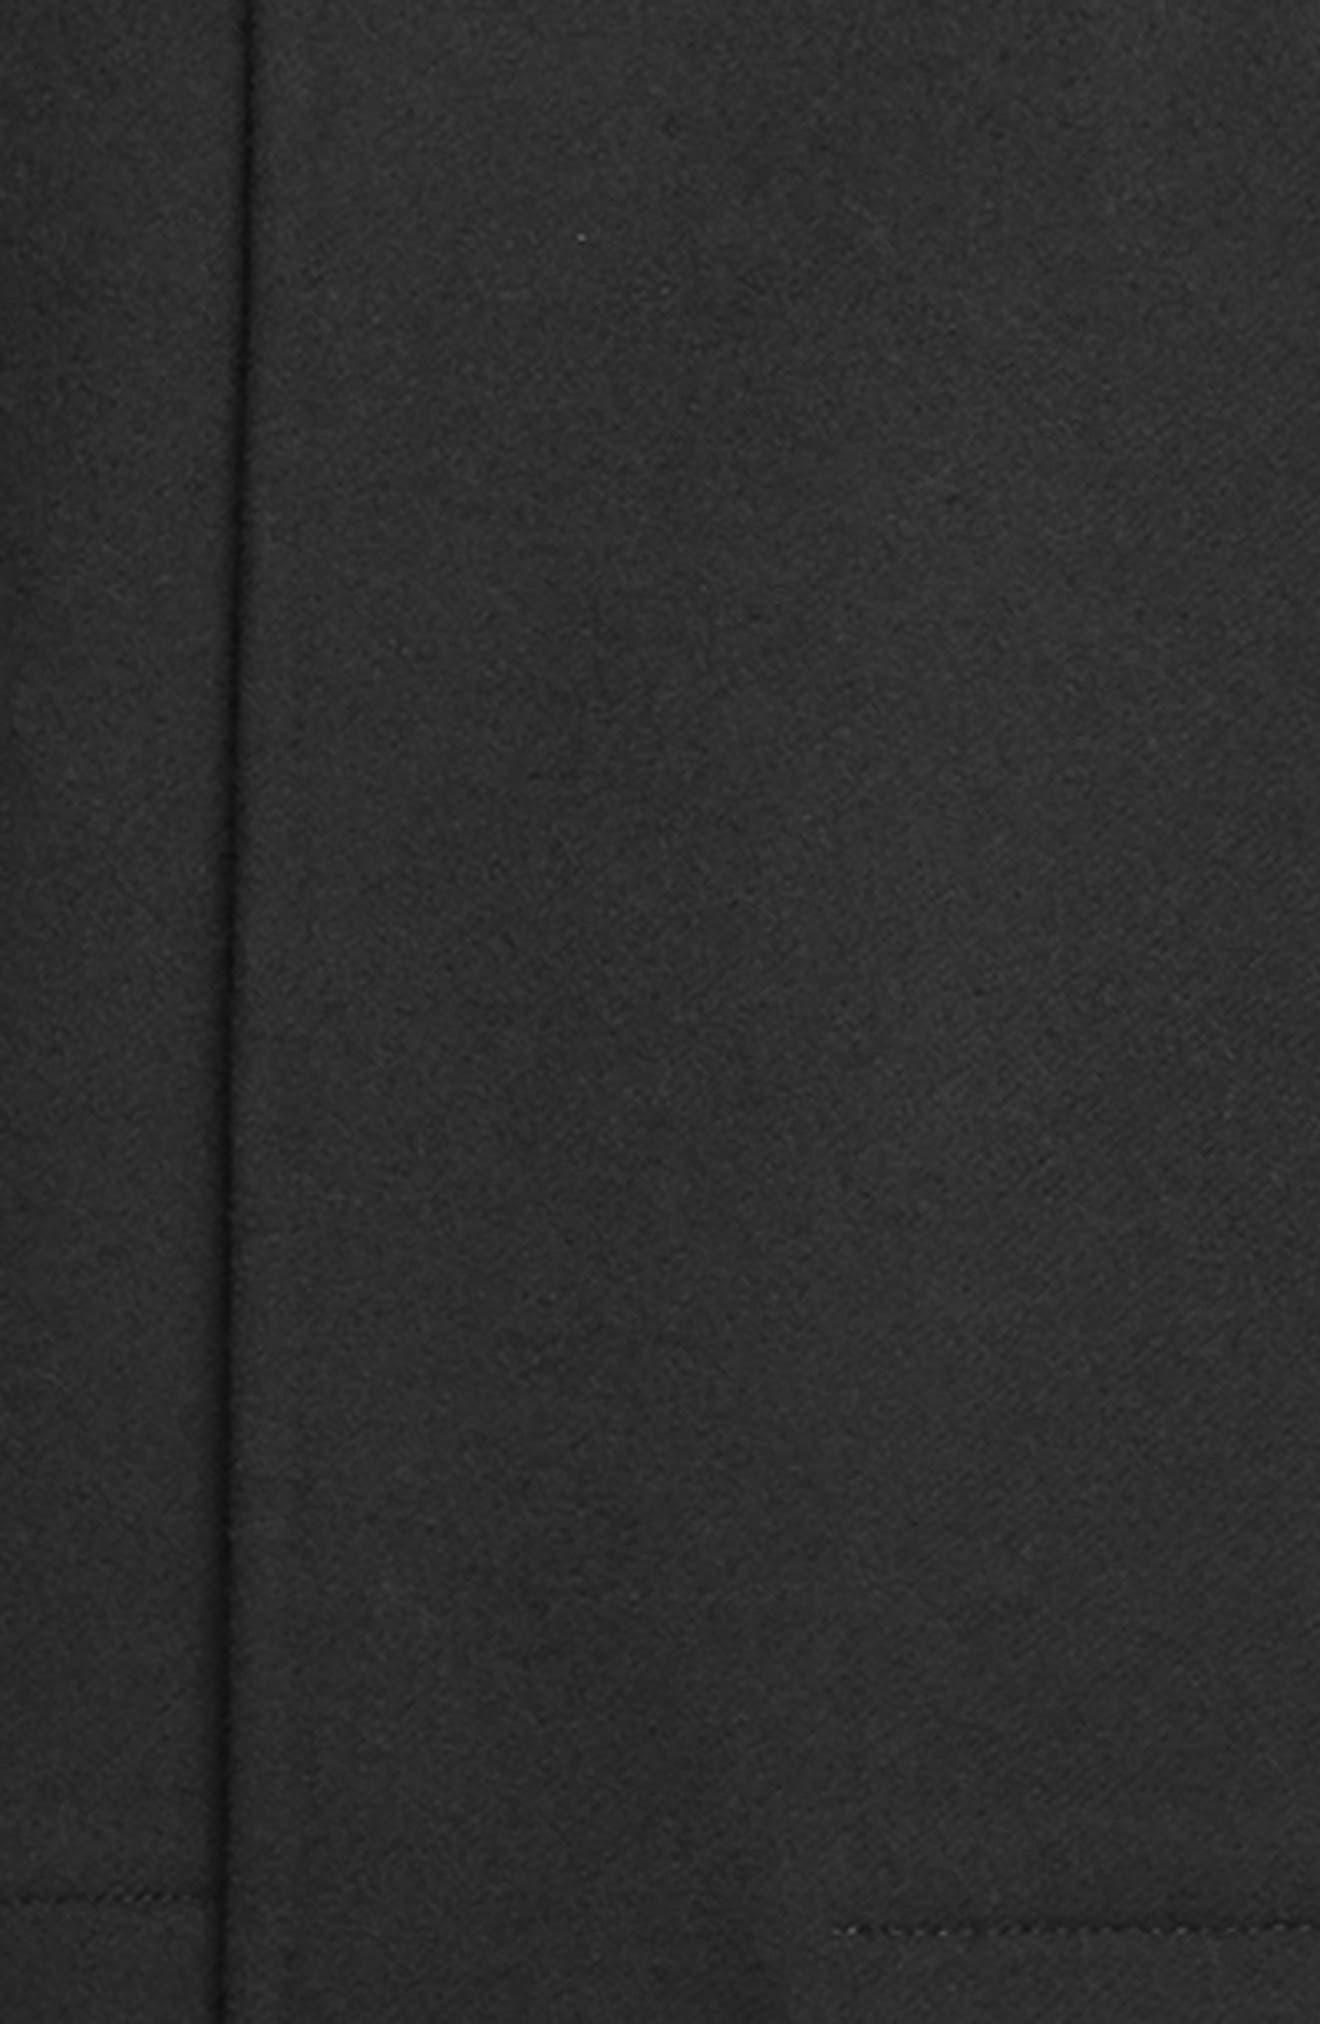 Double Face Wool Blend Coat,                             Alternate thumbnail 5, color,                             BLACK